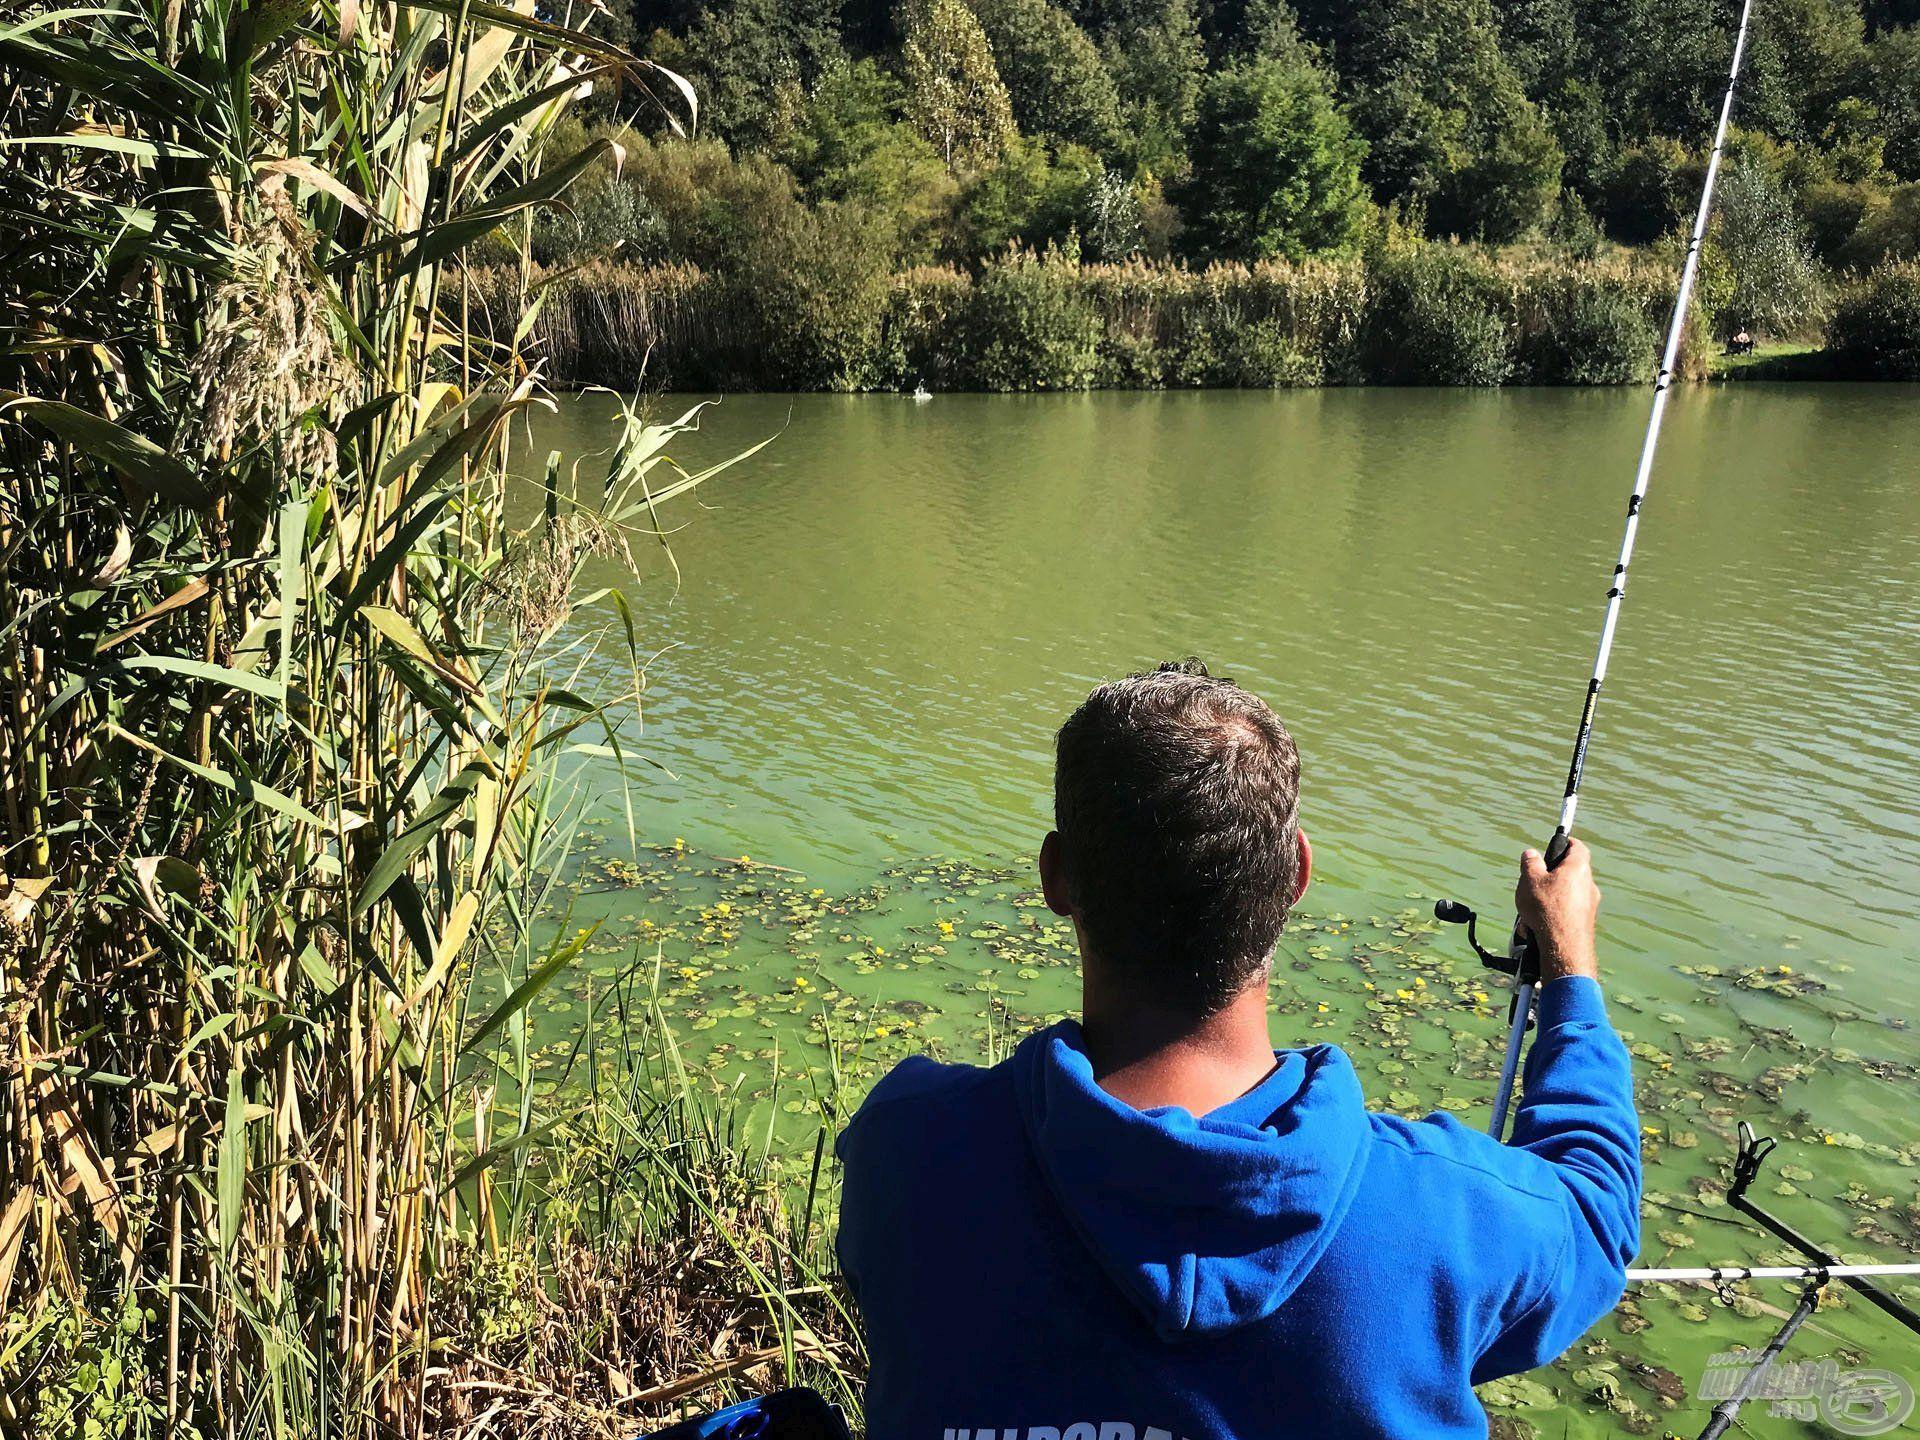 Olyan tavakon, ahol a szemközti oldalon nem lehet horgászni, szinte biztos, hogy a halak oda menekülnek a csapkodás elől